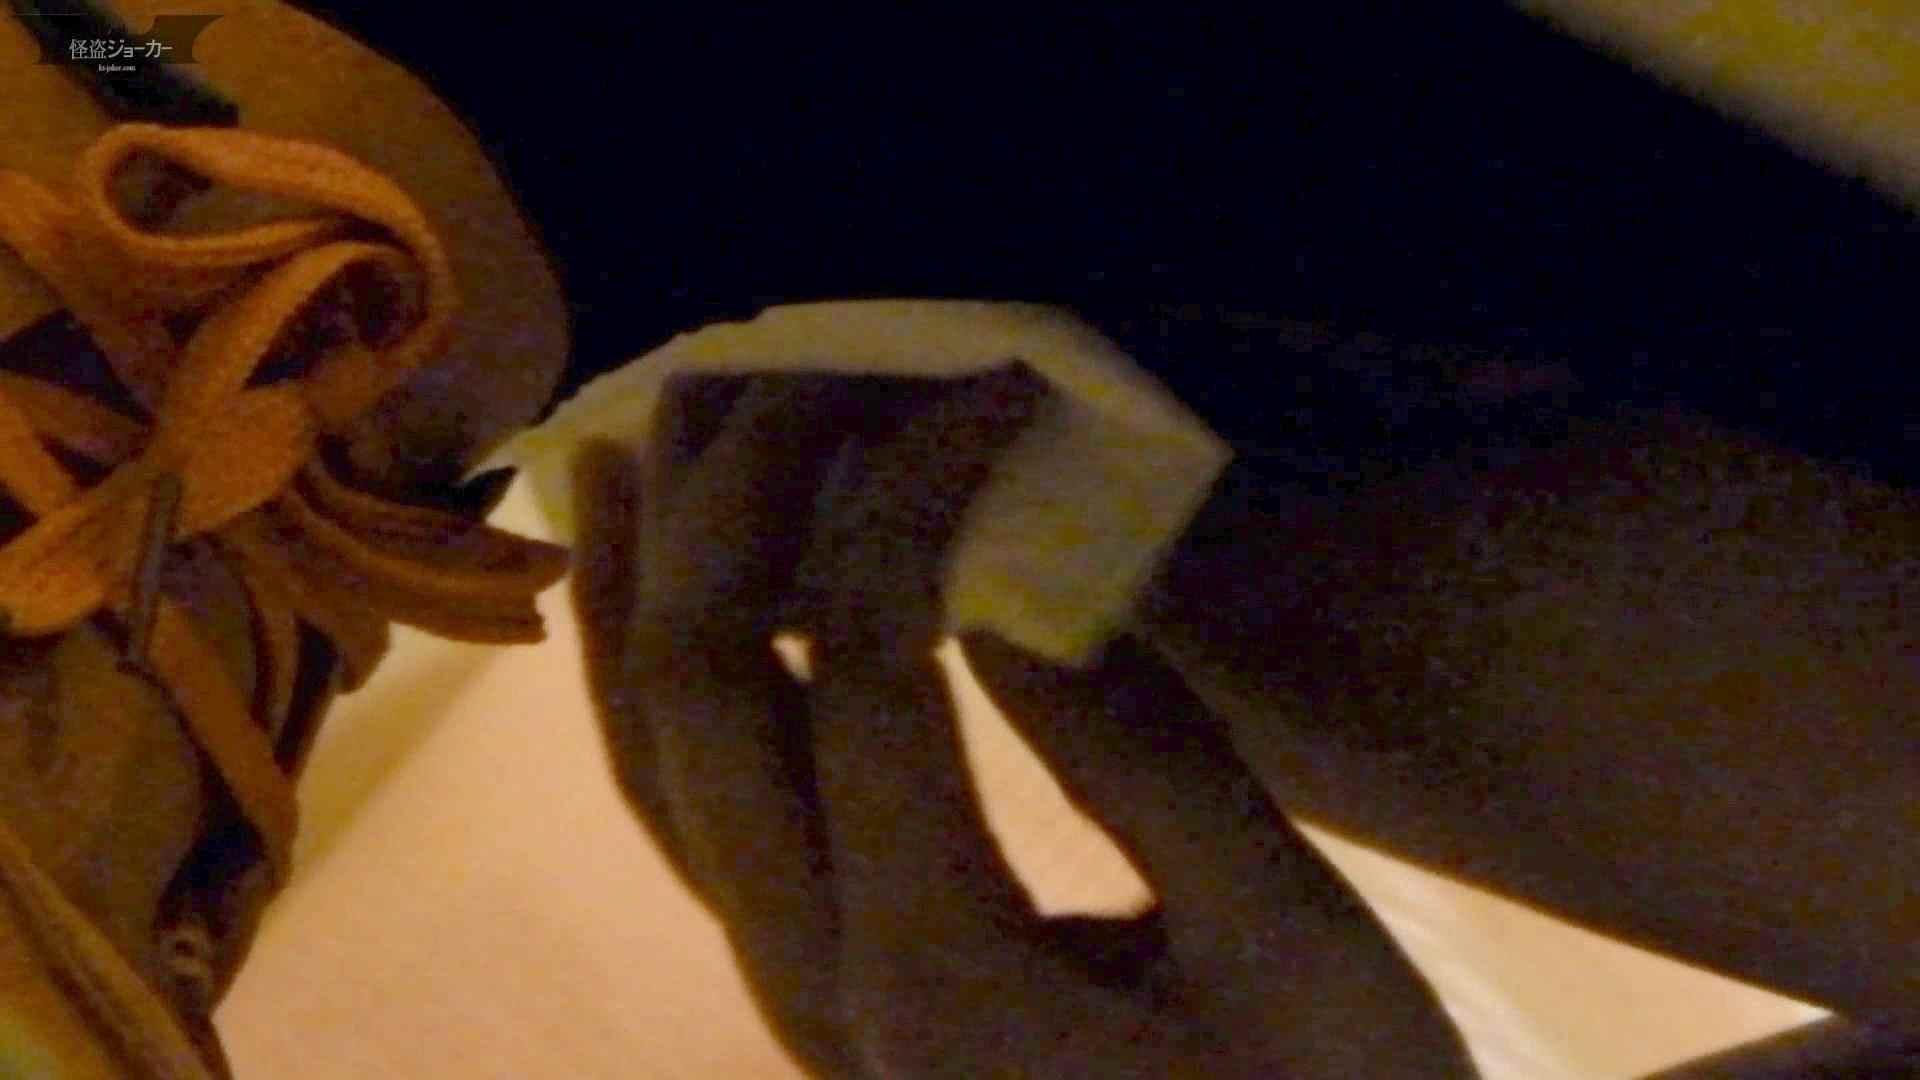 新世界の射窓 No58 機種変更?明るくなった!! 洗面所 オマンコ動画キャプチャ 107画像 76